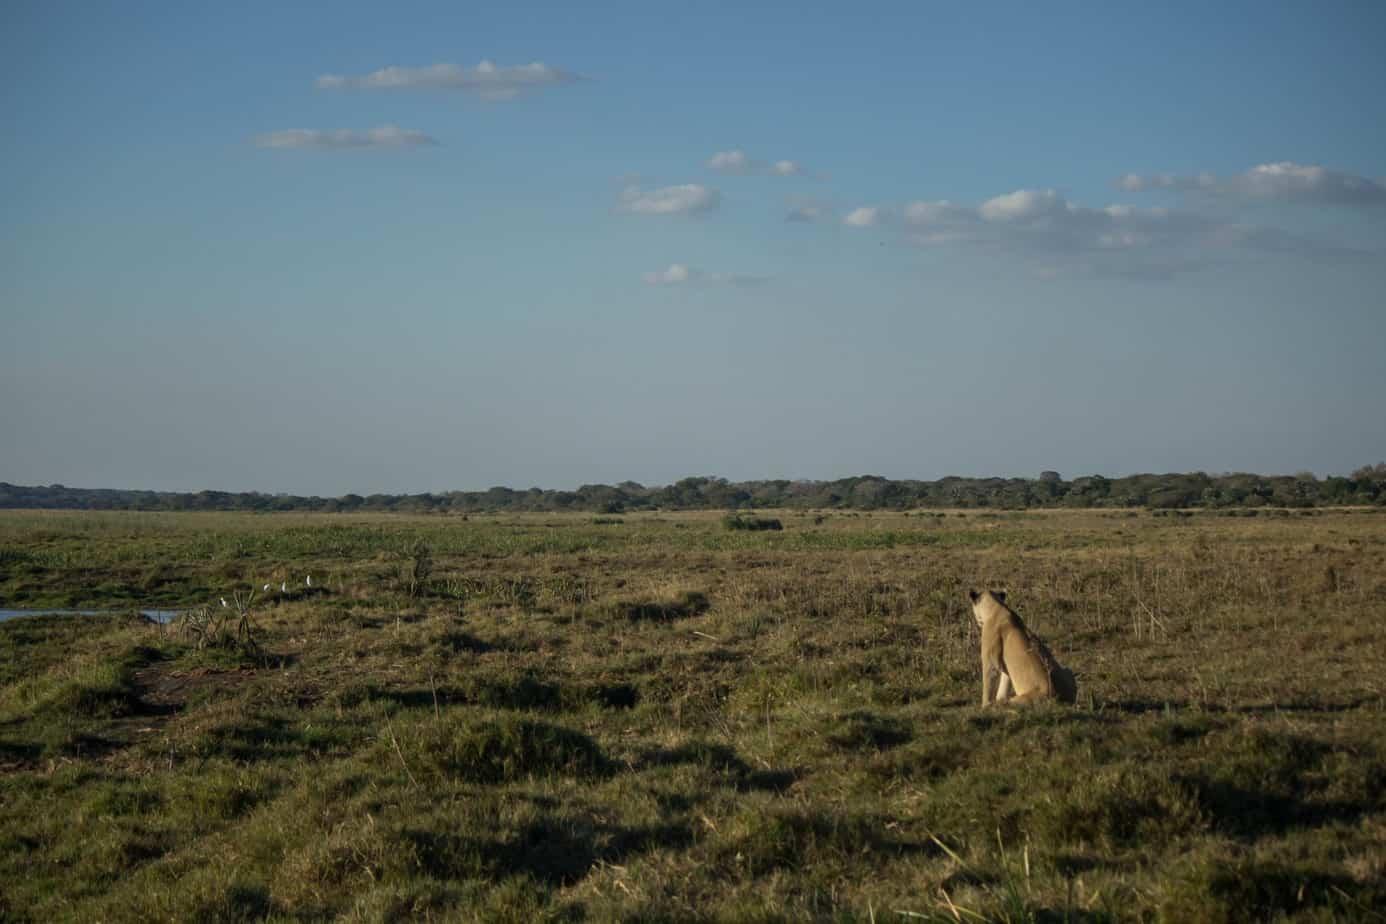 IMG 8438 2 - Tembe Elephant Park